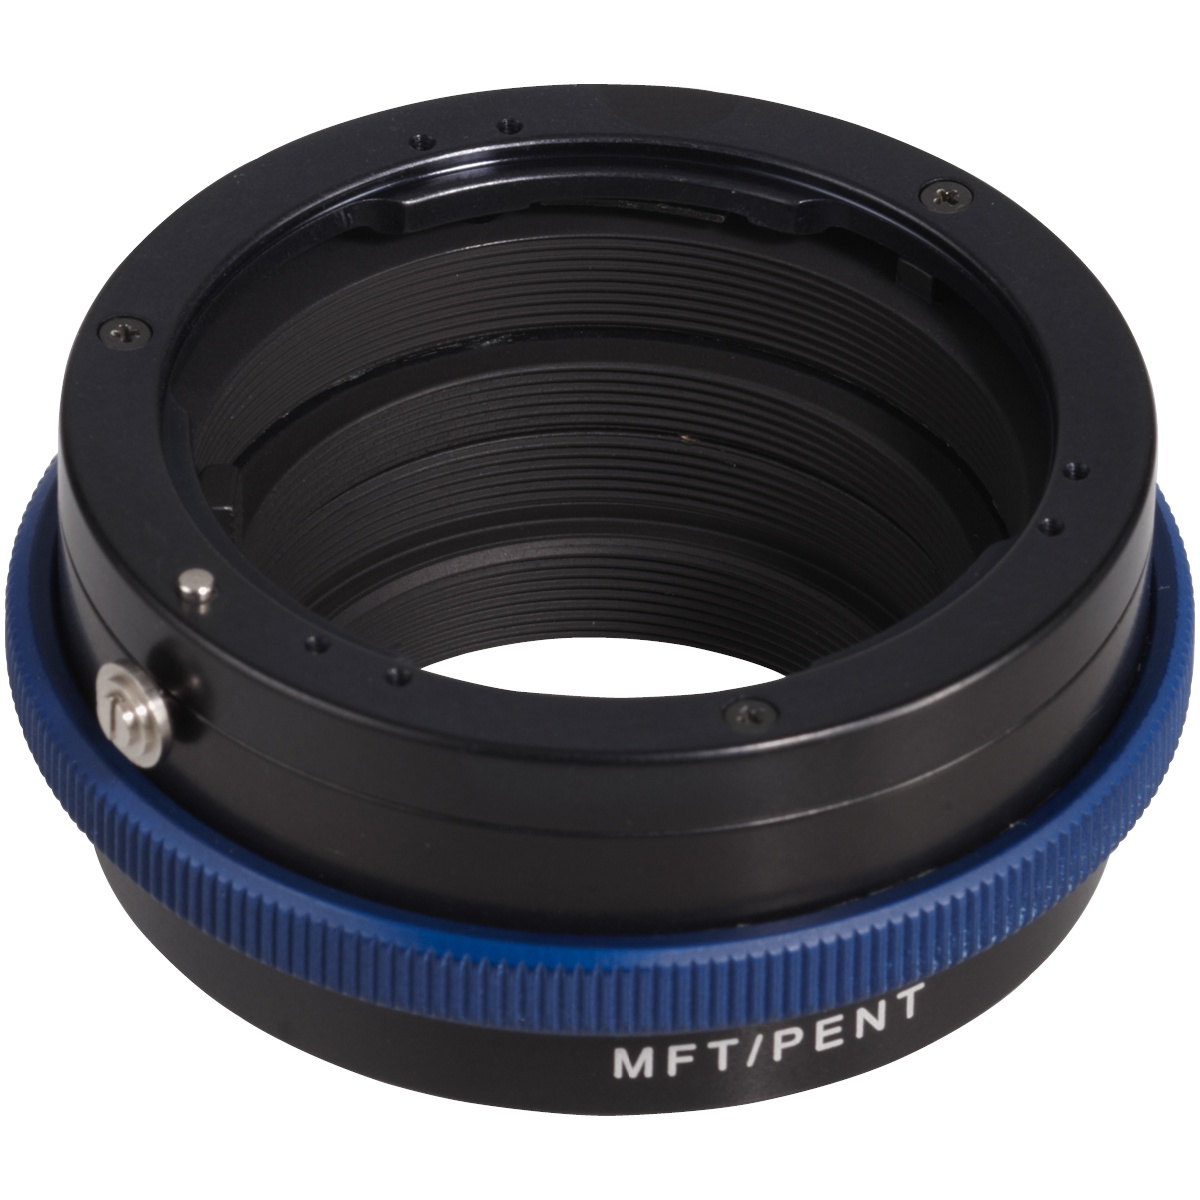 Novoflex Adapter Pentax K Objektive an MFT-Kameras